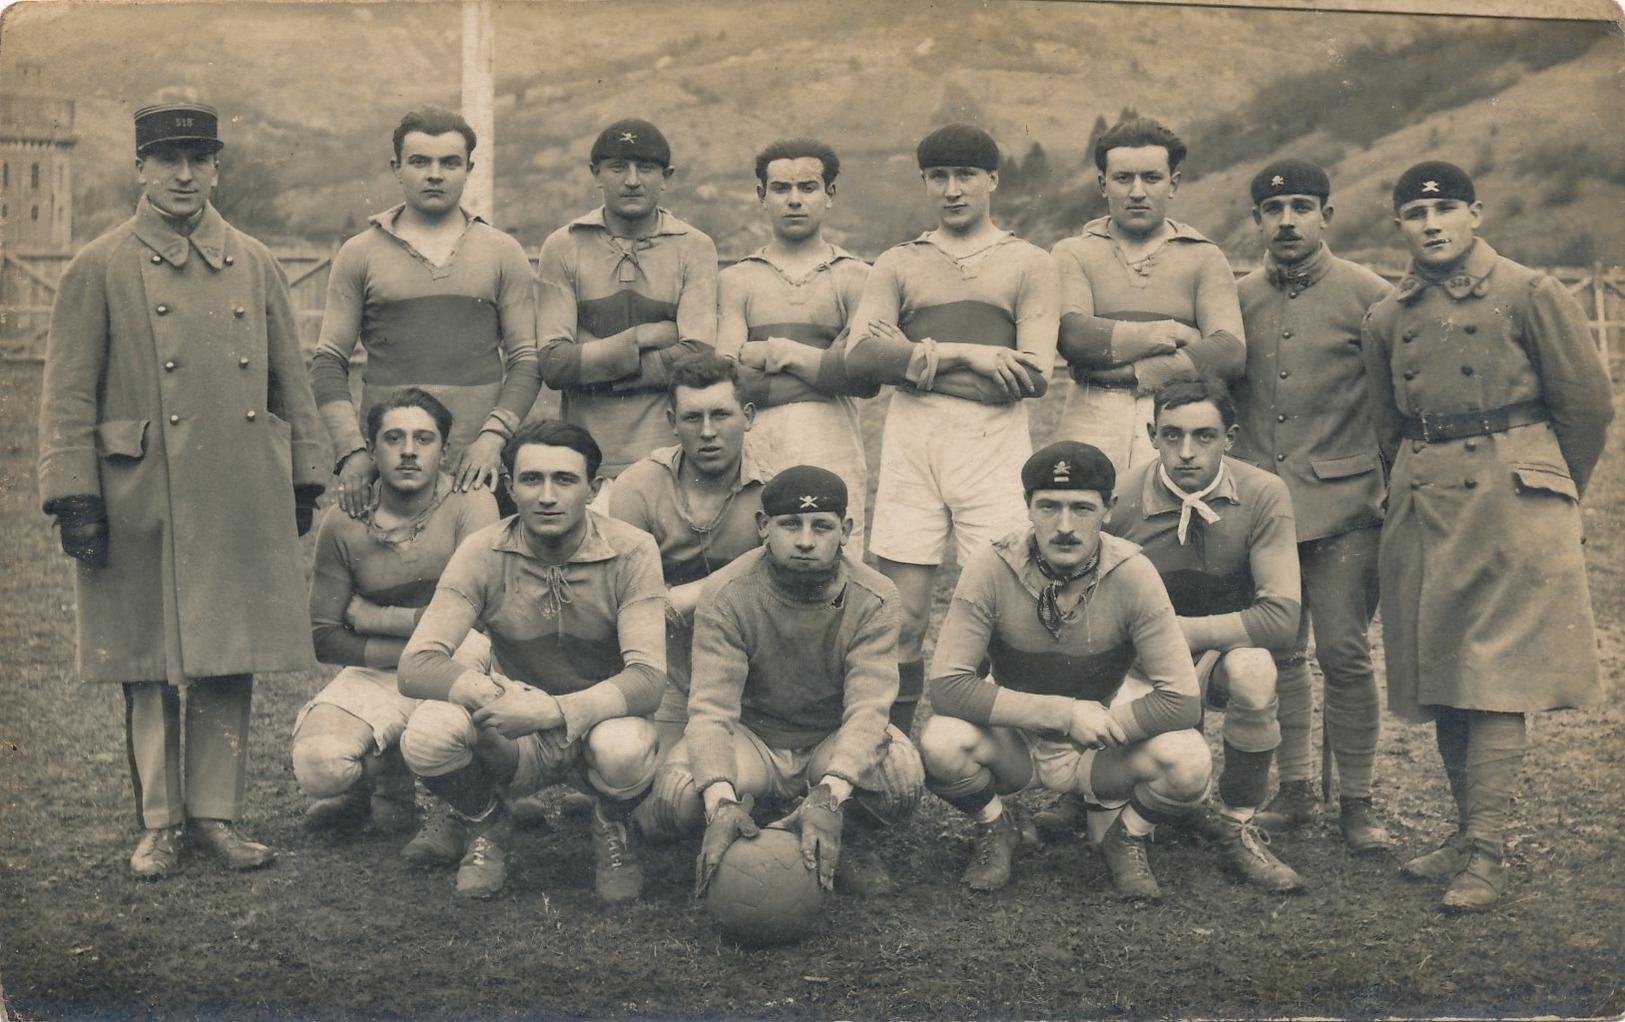 J4 - MILITARIA - L'équipe De Football Du 518e Régiment De Tankistes De BESANÇON - Doubs - Oorlog 1914-18